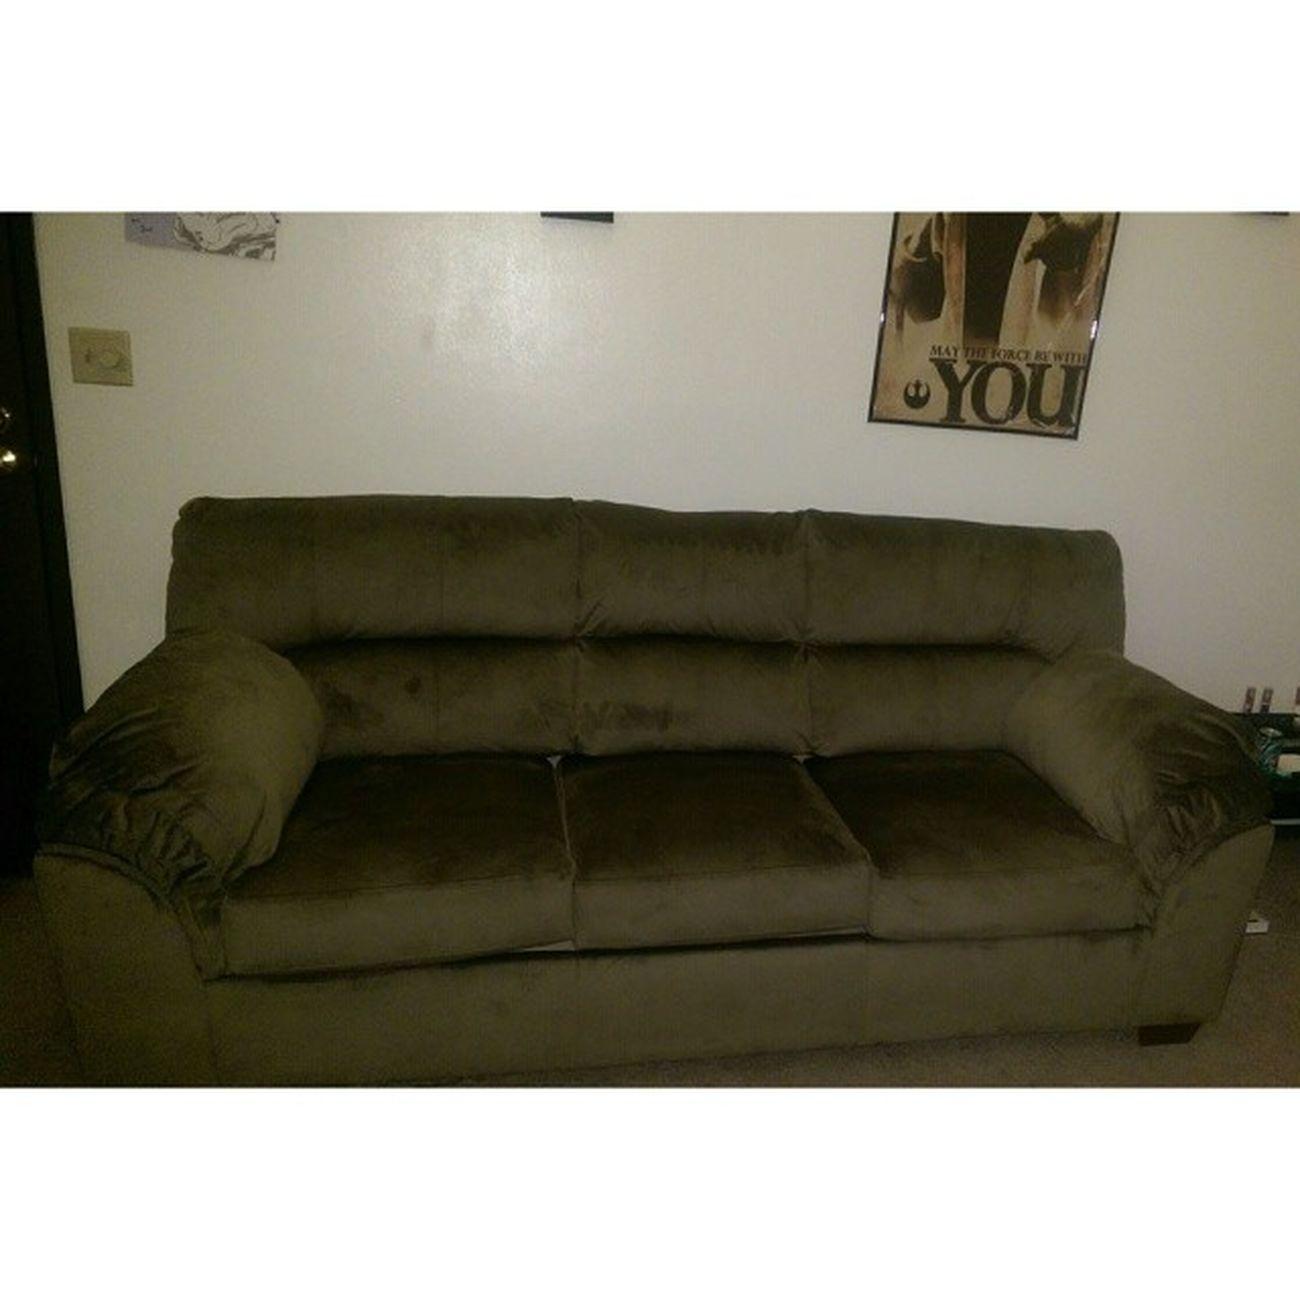 Our first couch! Boyfriendisamazing Loveit